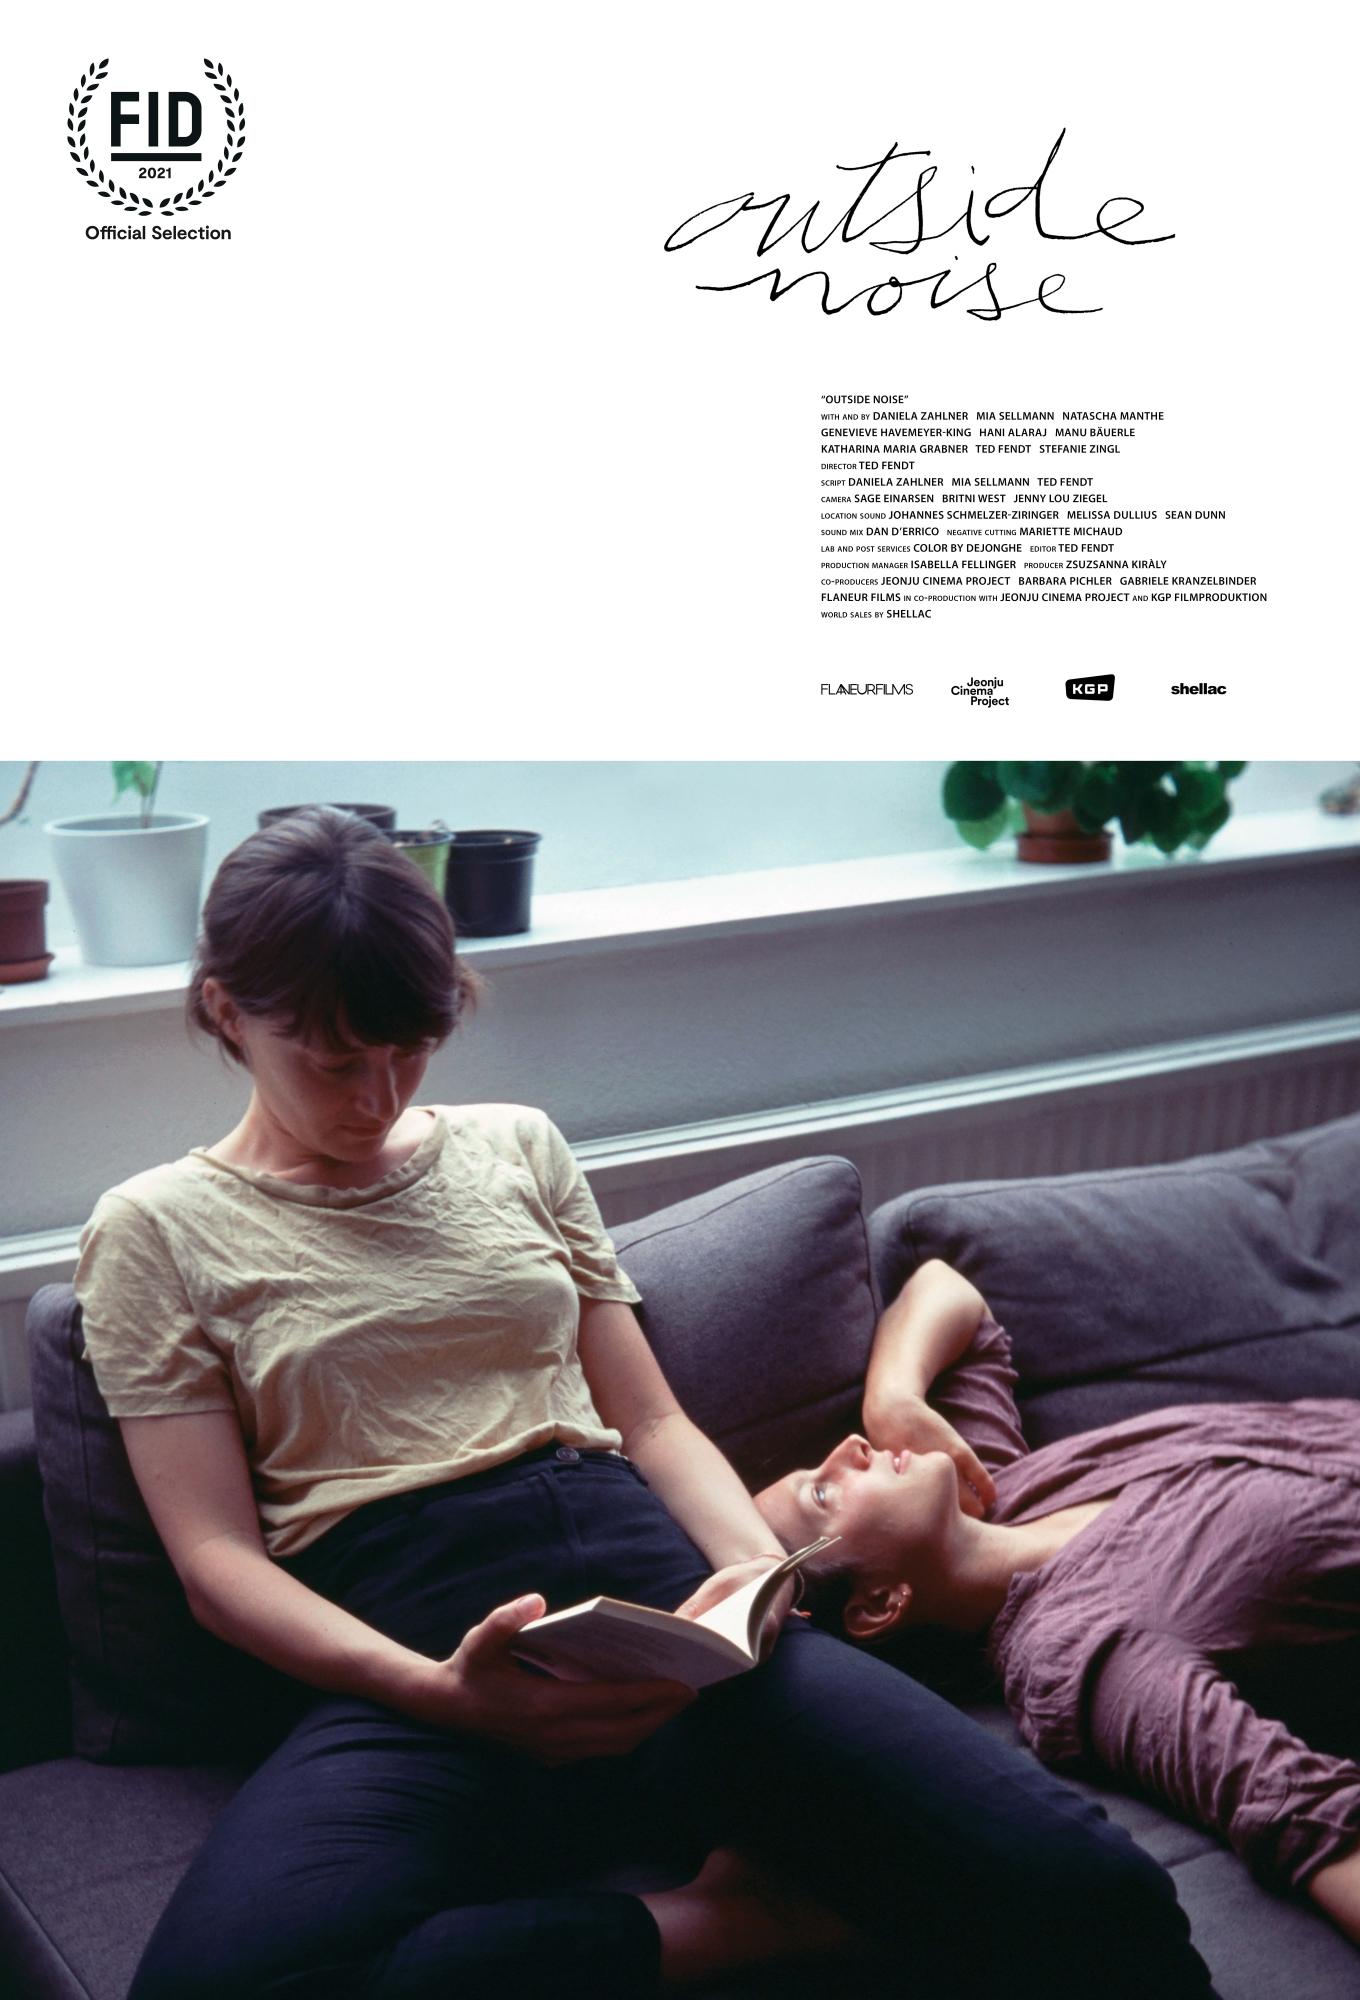 shellac-outside-noise-poster-4373.jpg